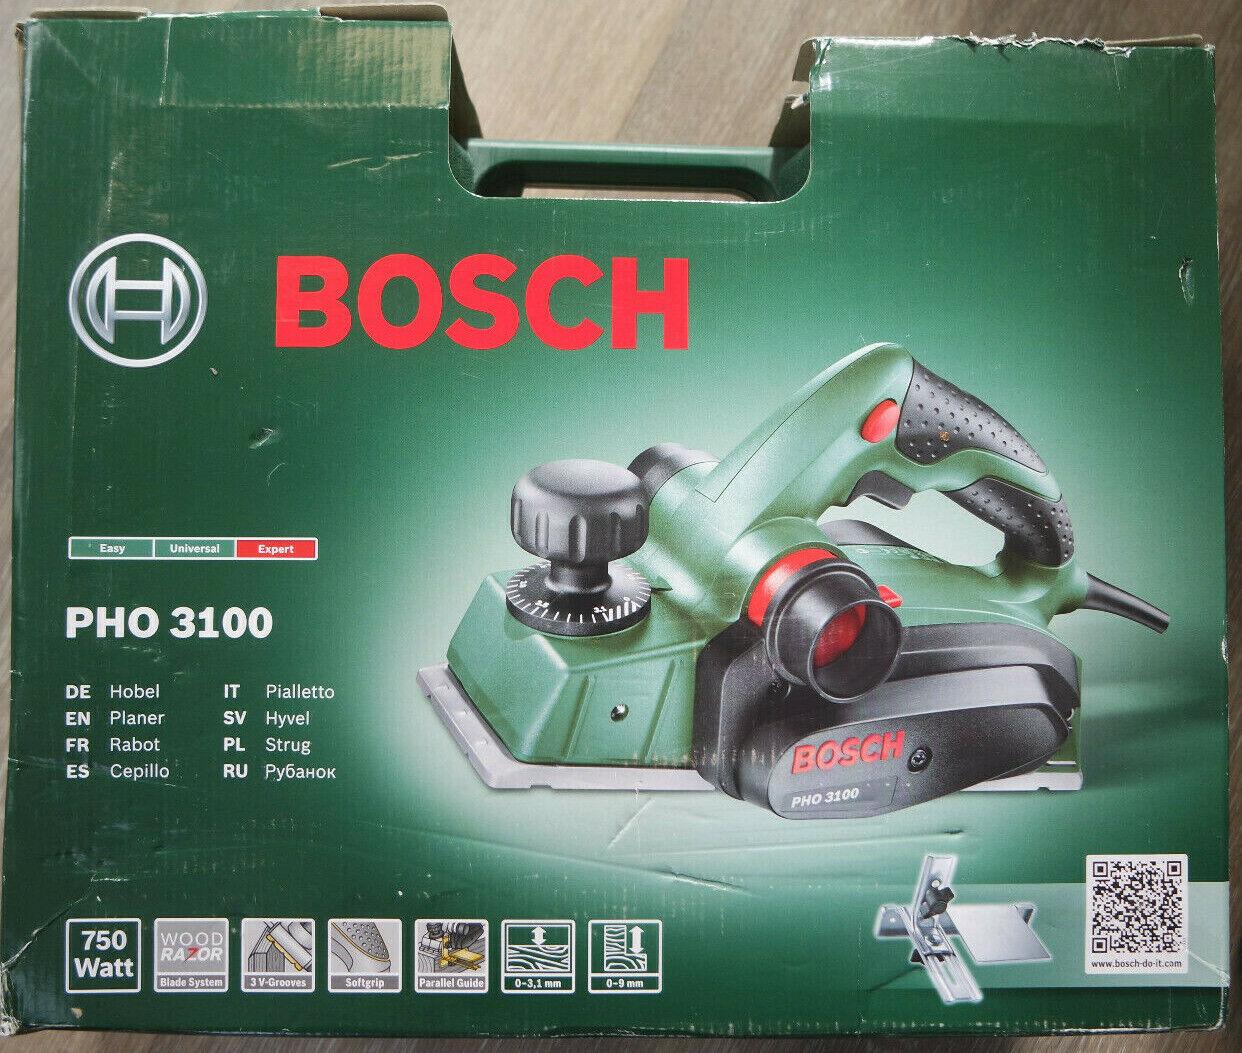 PHO20-82 2 HM Wendemesser Hobelmesser für Bosch Elektrohobel Hobel PHO 20-82